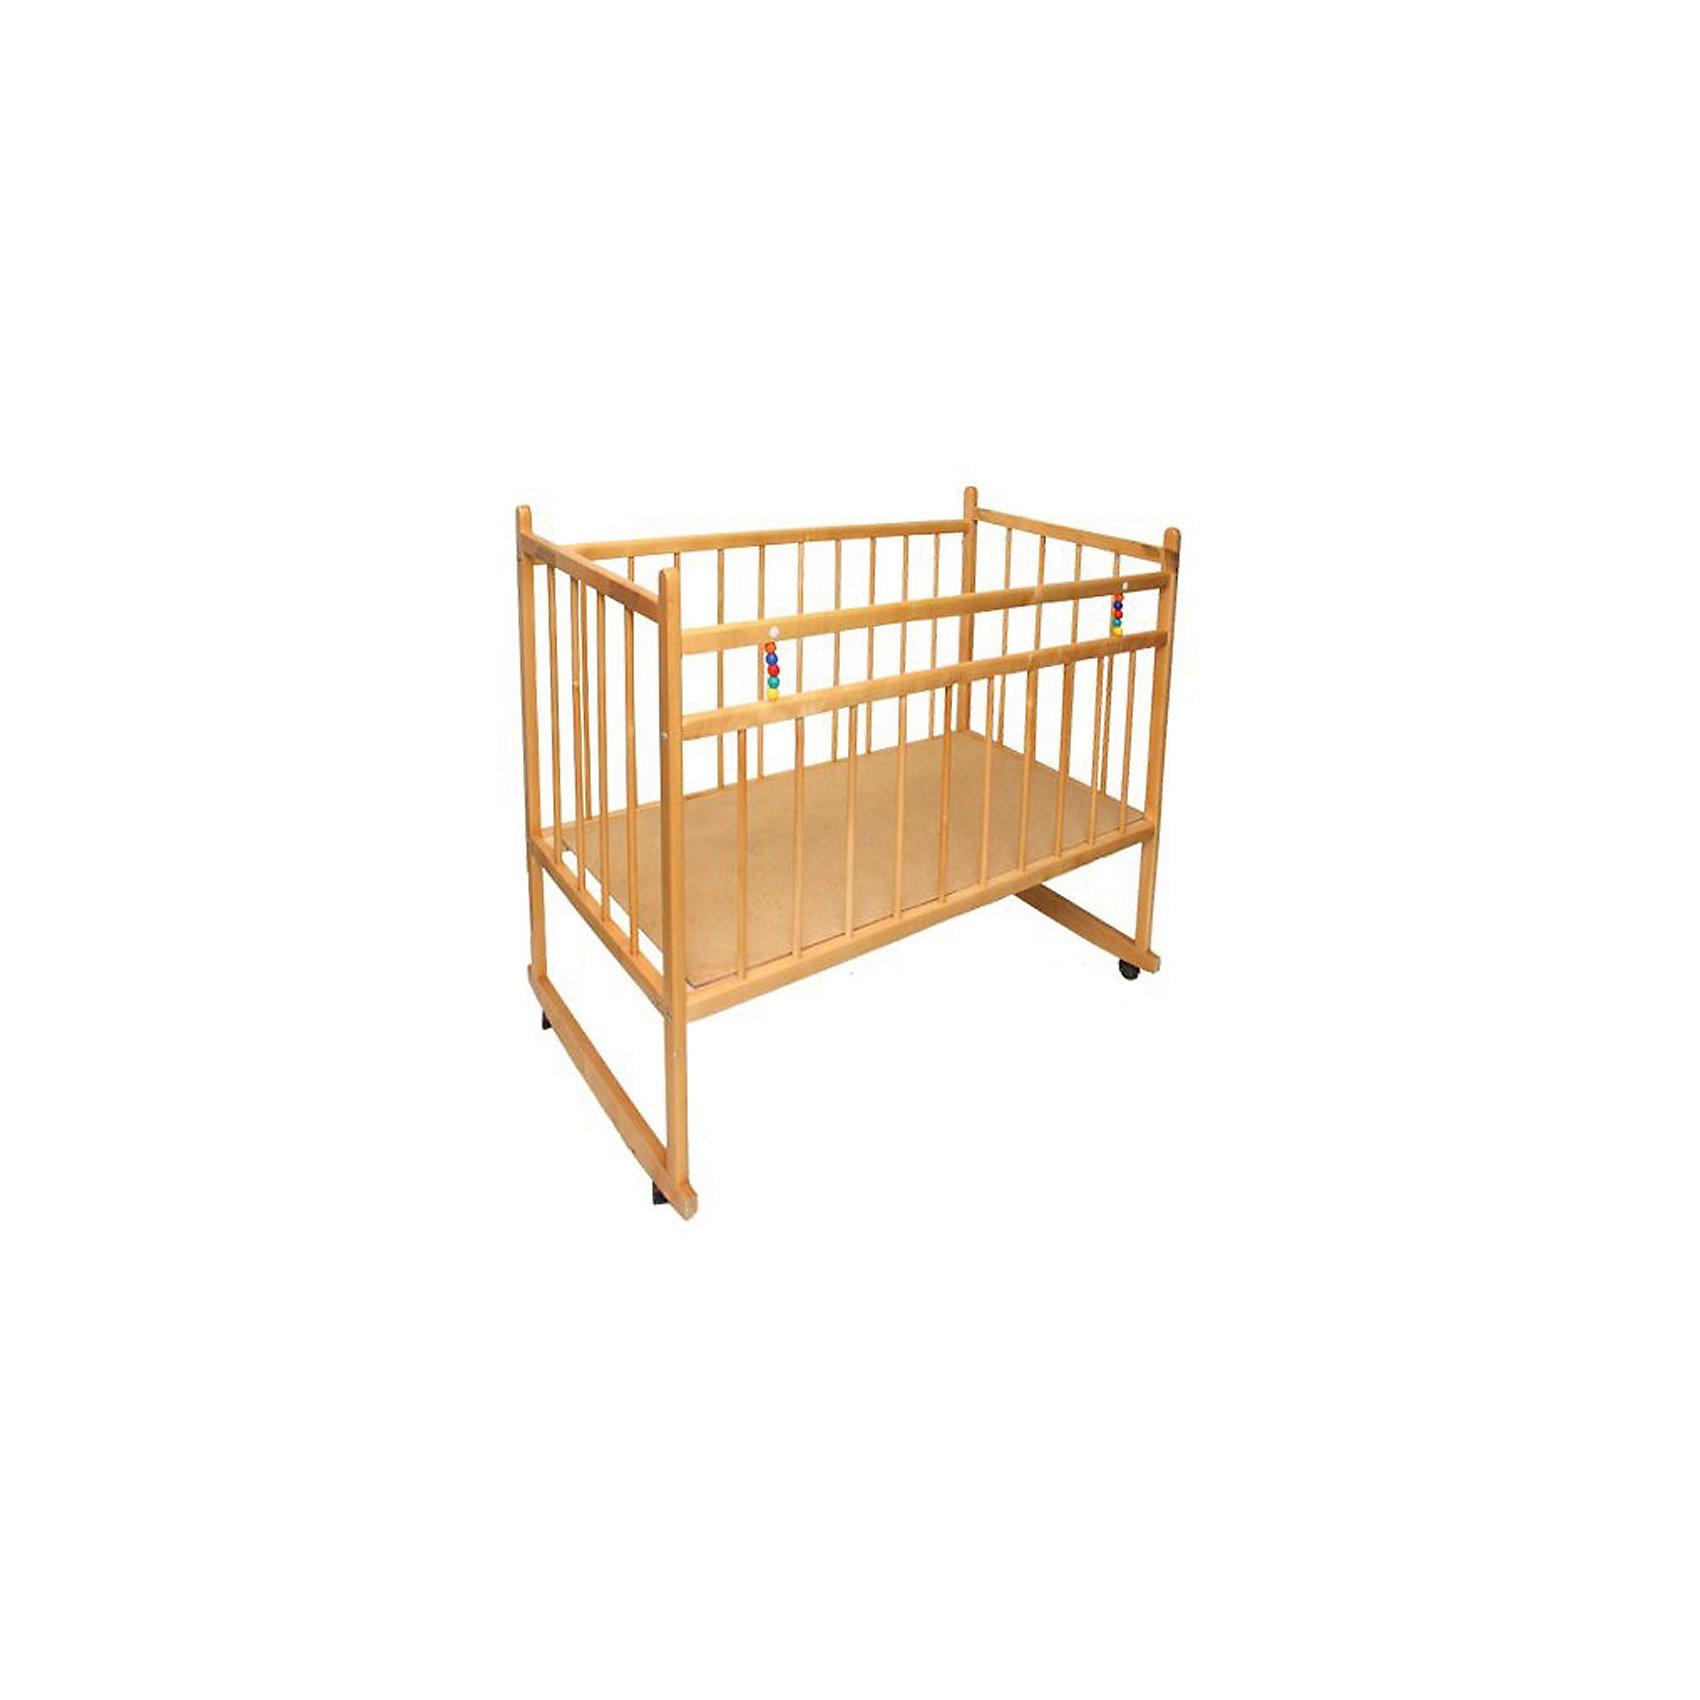 - Кроватка-качалка Мишутка 13, светлая обычная кроватка уренская мебельная фабрика мишутка 13 темная